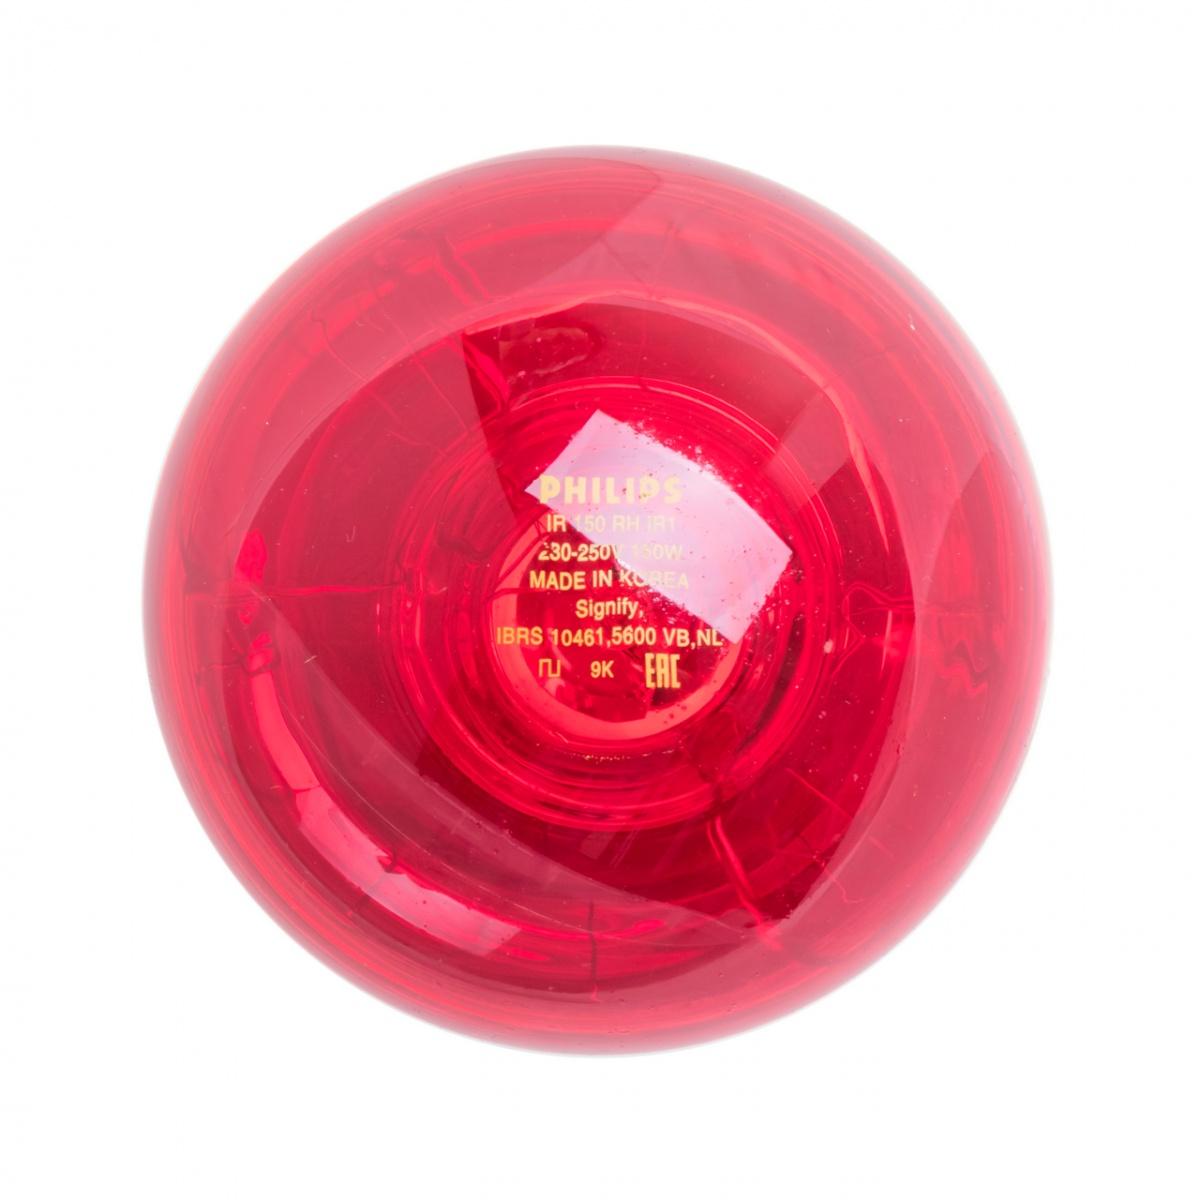 Vörös infralámpa izzó, 150W